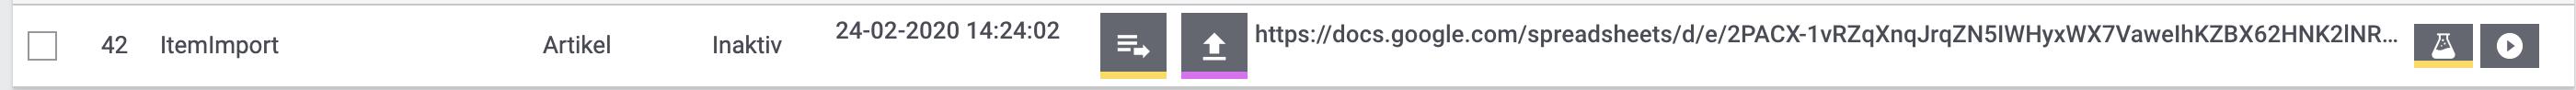 Ein gekürzter Dateiname.